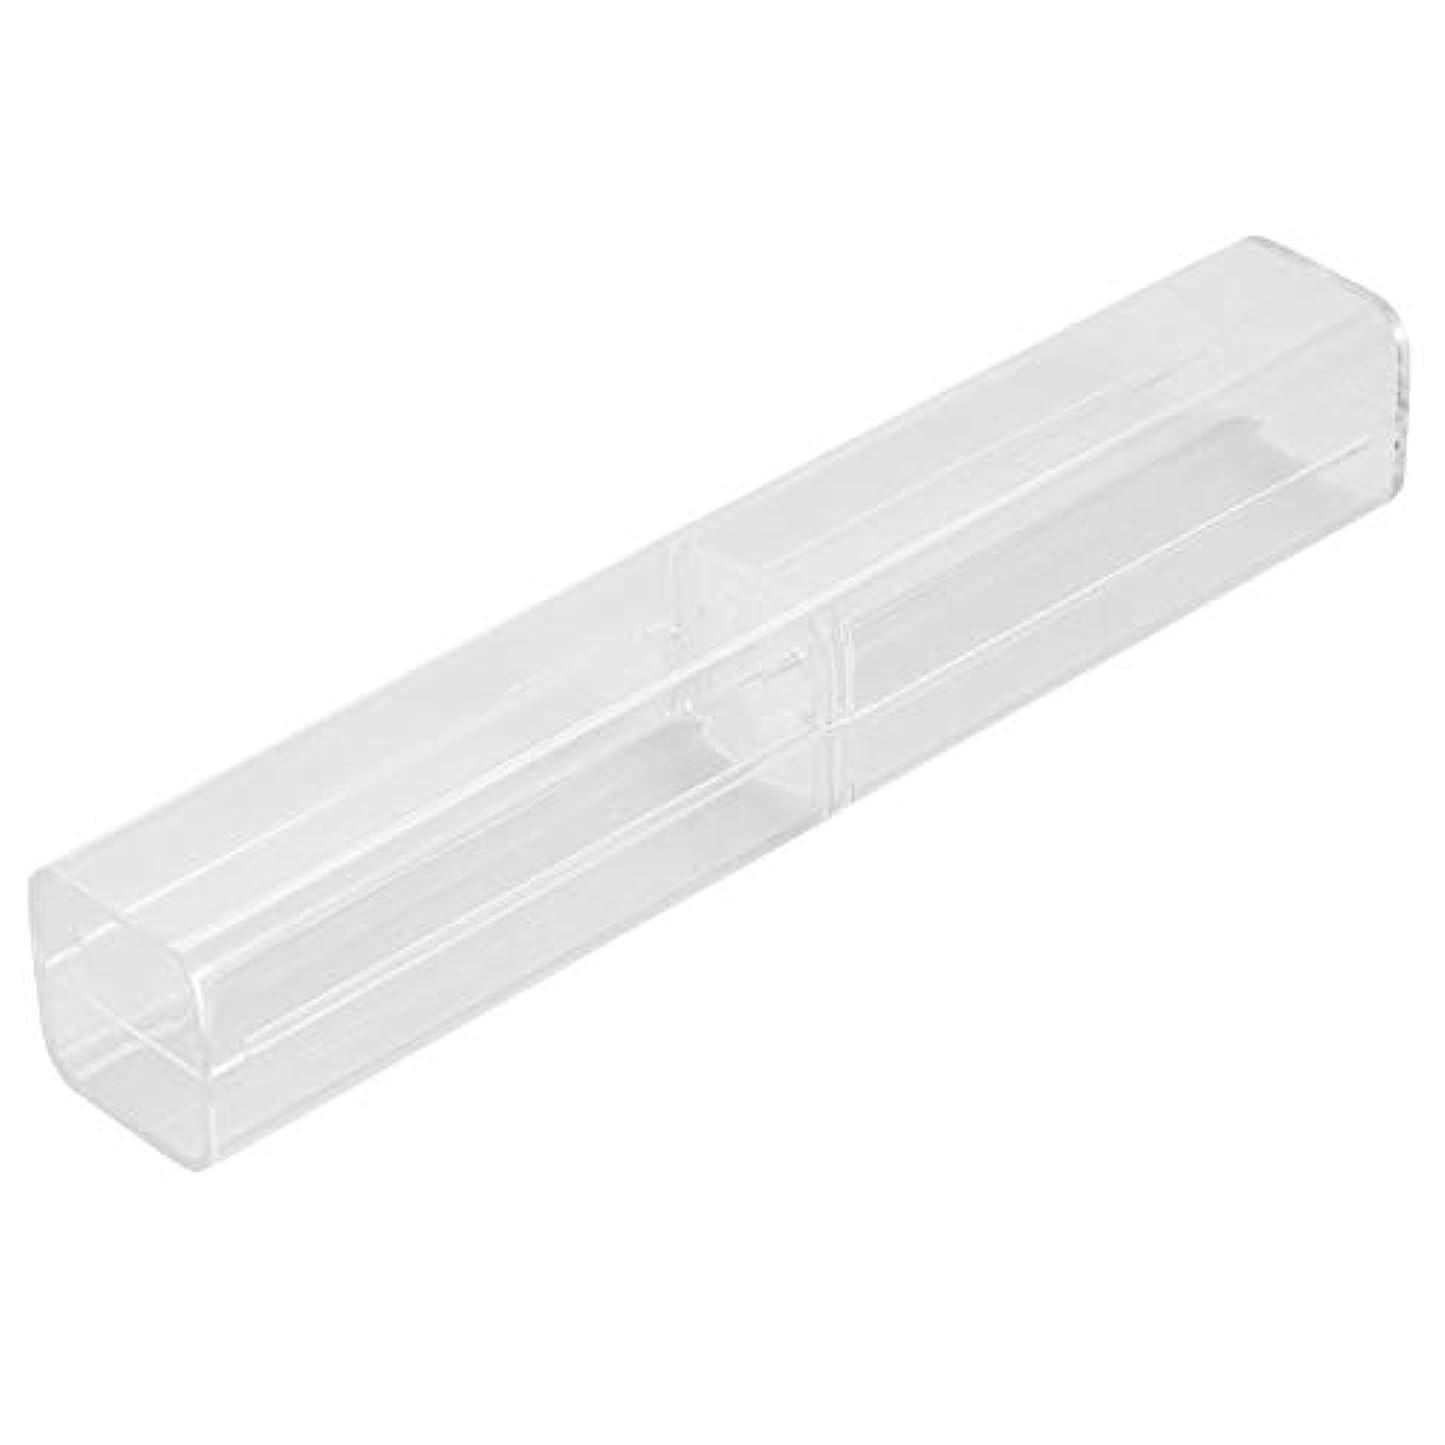 加害者リンク少ない1ピース収納ボックス - 手動ペン眉毛タトゥークリアケース透明収納ボックス、収納ボックス - タトゥーコンテナ